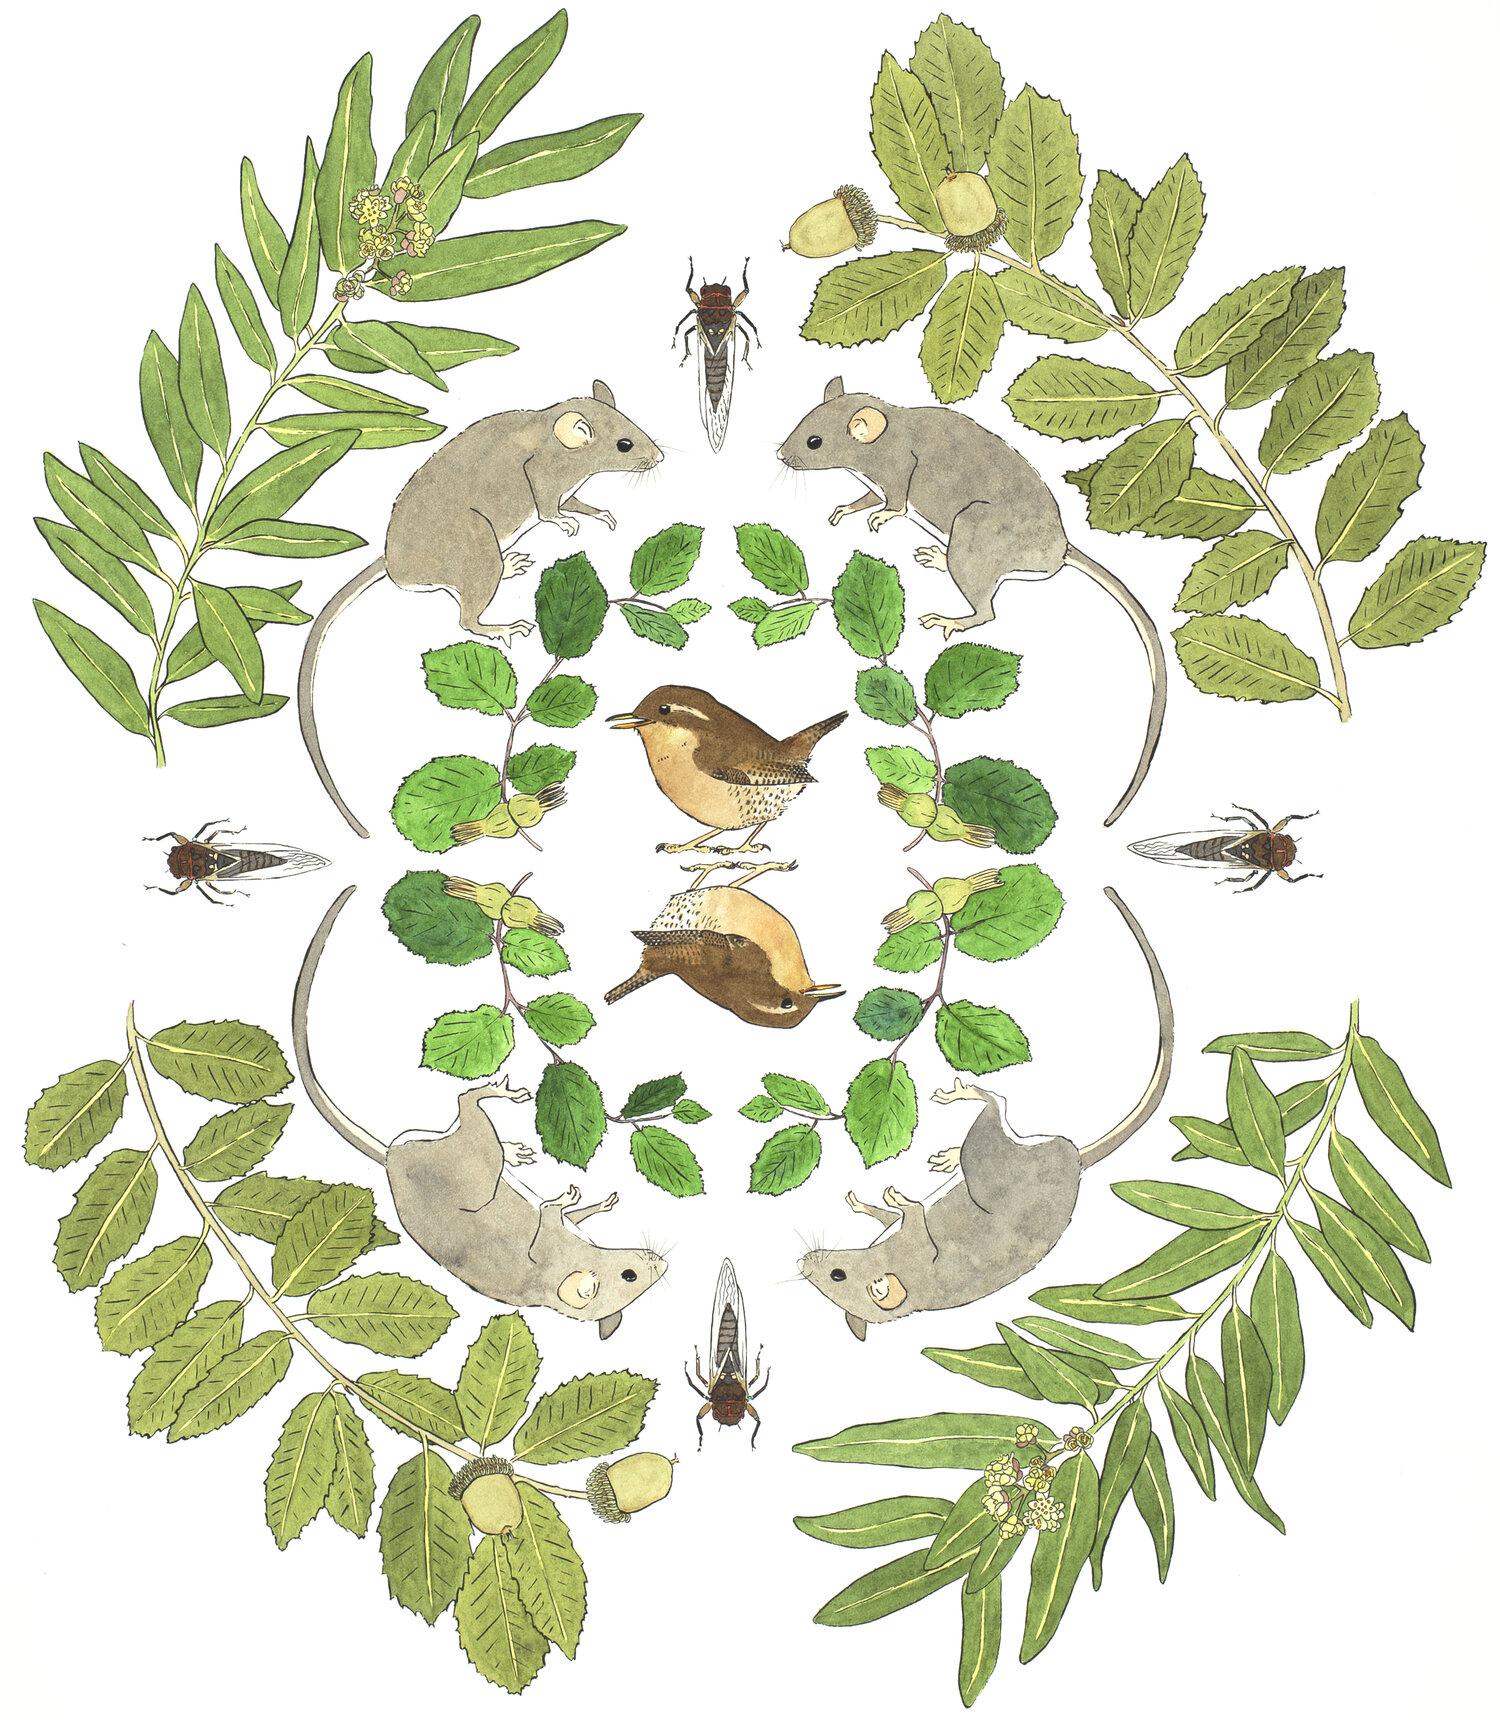 Wrens in the Hazelnuts